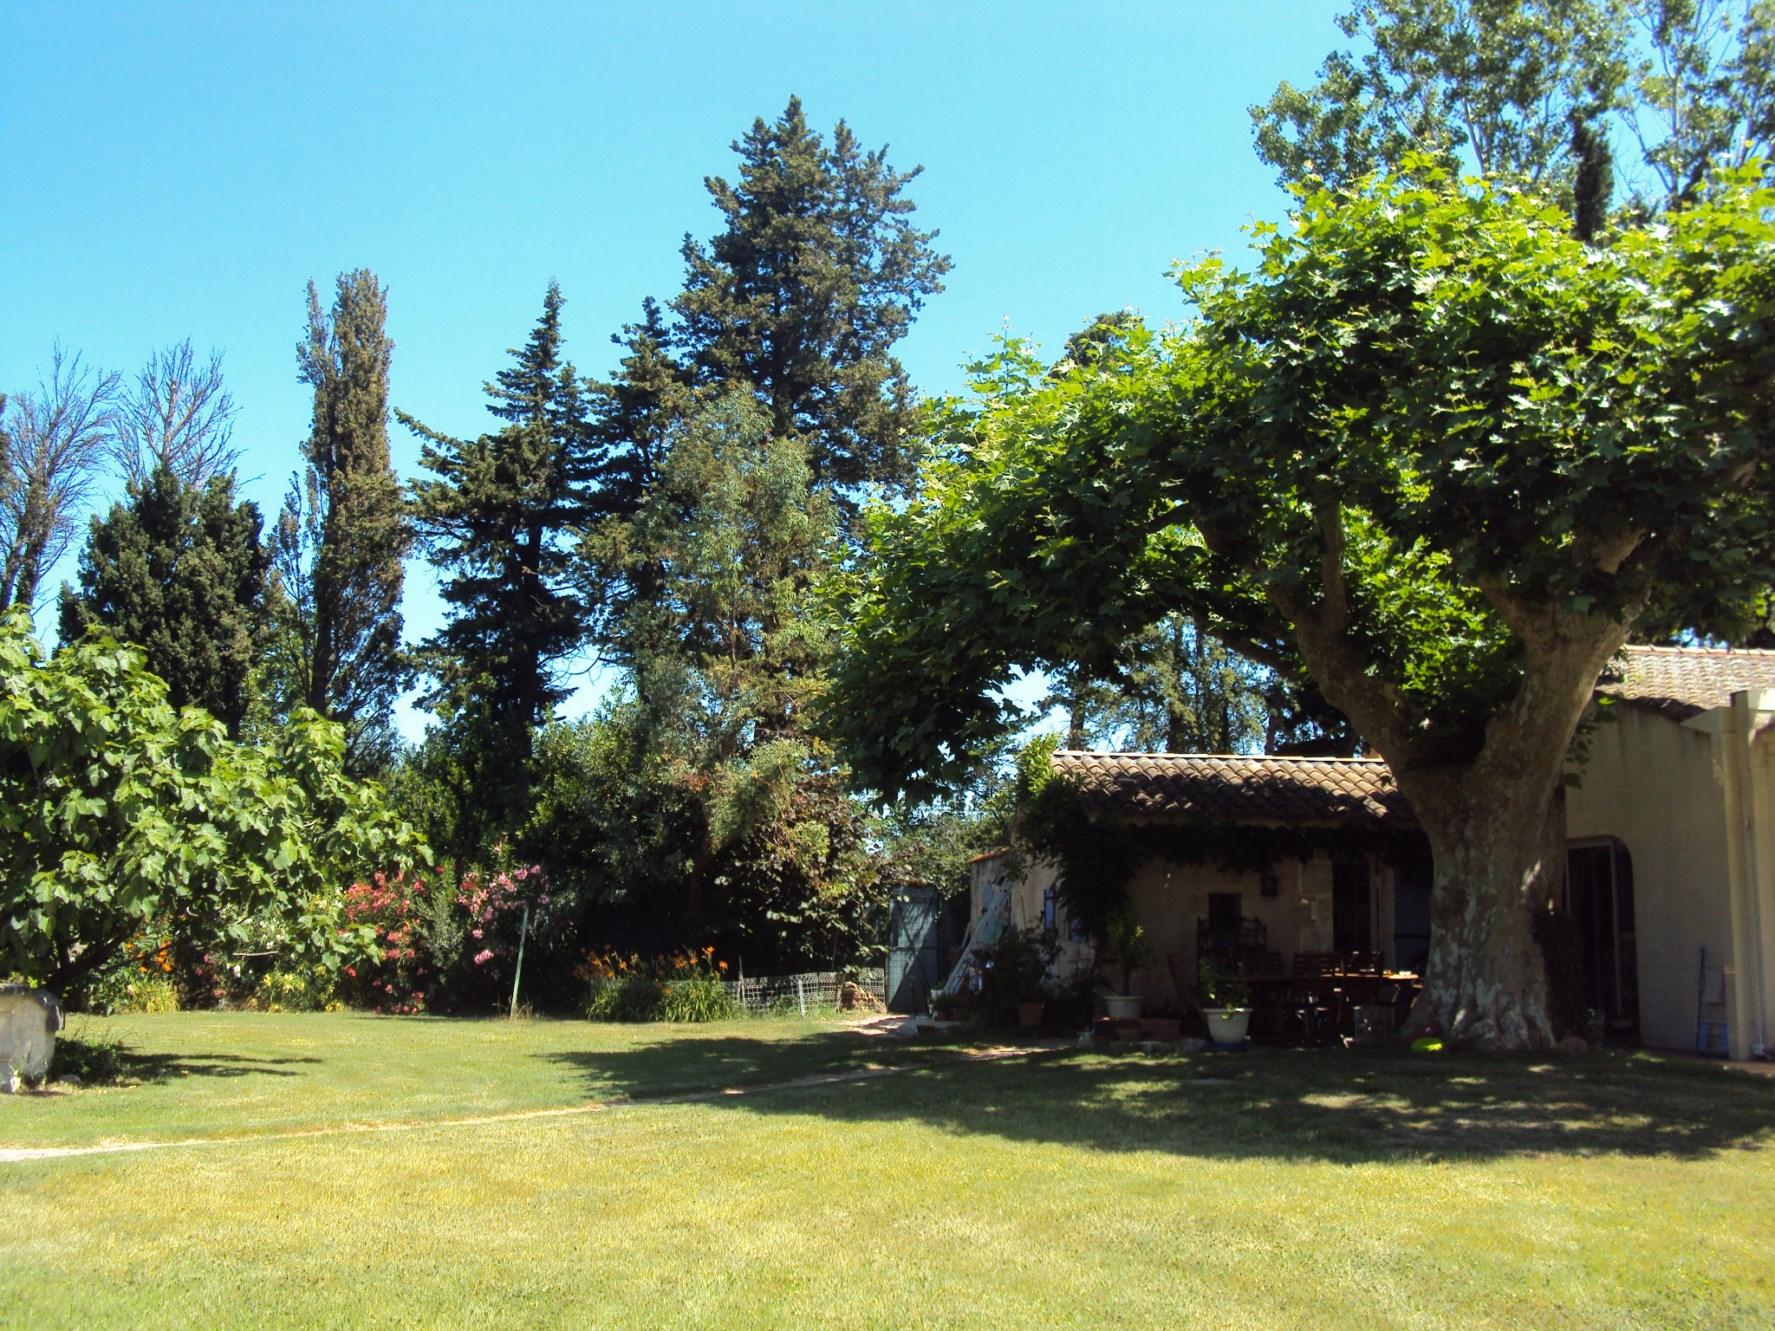 A vendre,  entre Alpilles et Luberon, maison au milieu d'un parc avec piscine